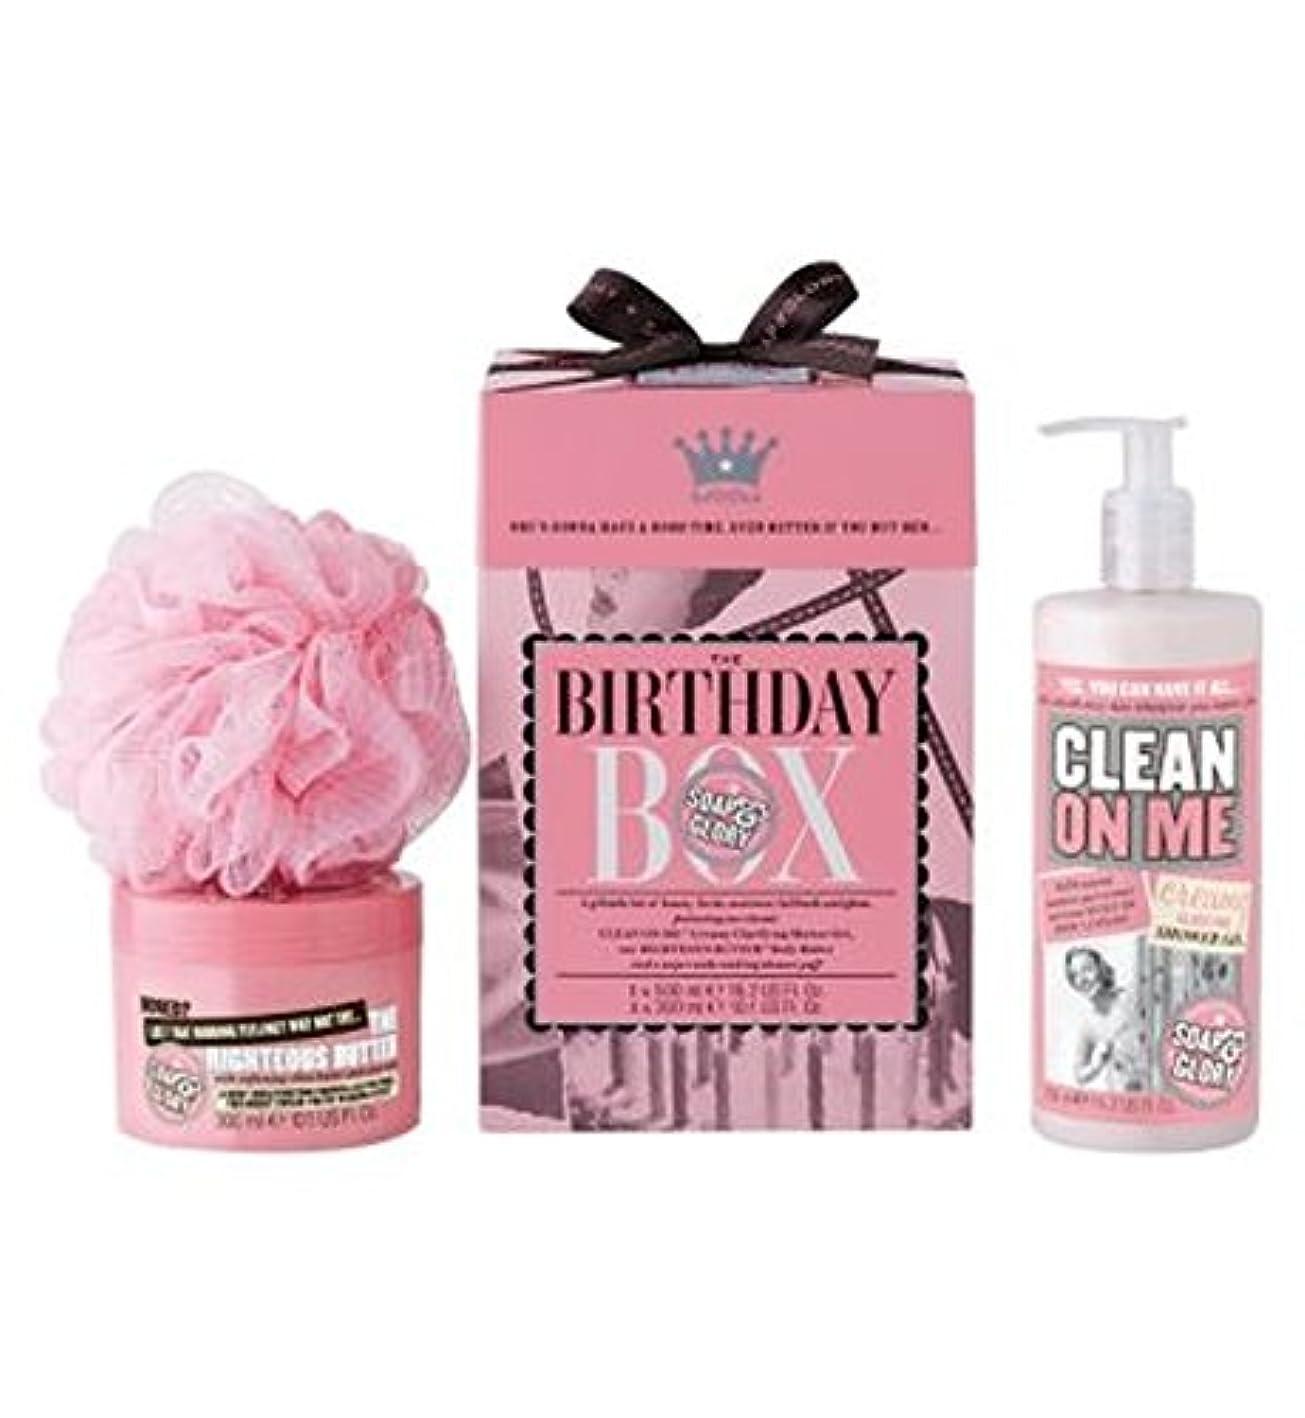 類似性鉄道駅闘争石鹸&栄光の誕生日箱のギフトセット (Soap & Glory) (x2) - Soap & Glory The Birthday Box Gift Set (Pack of 2) [並行輸入品]